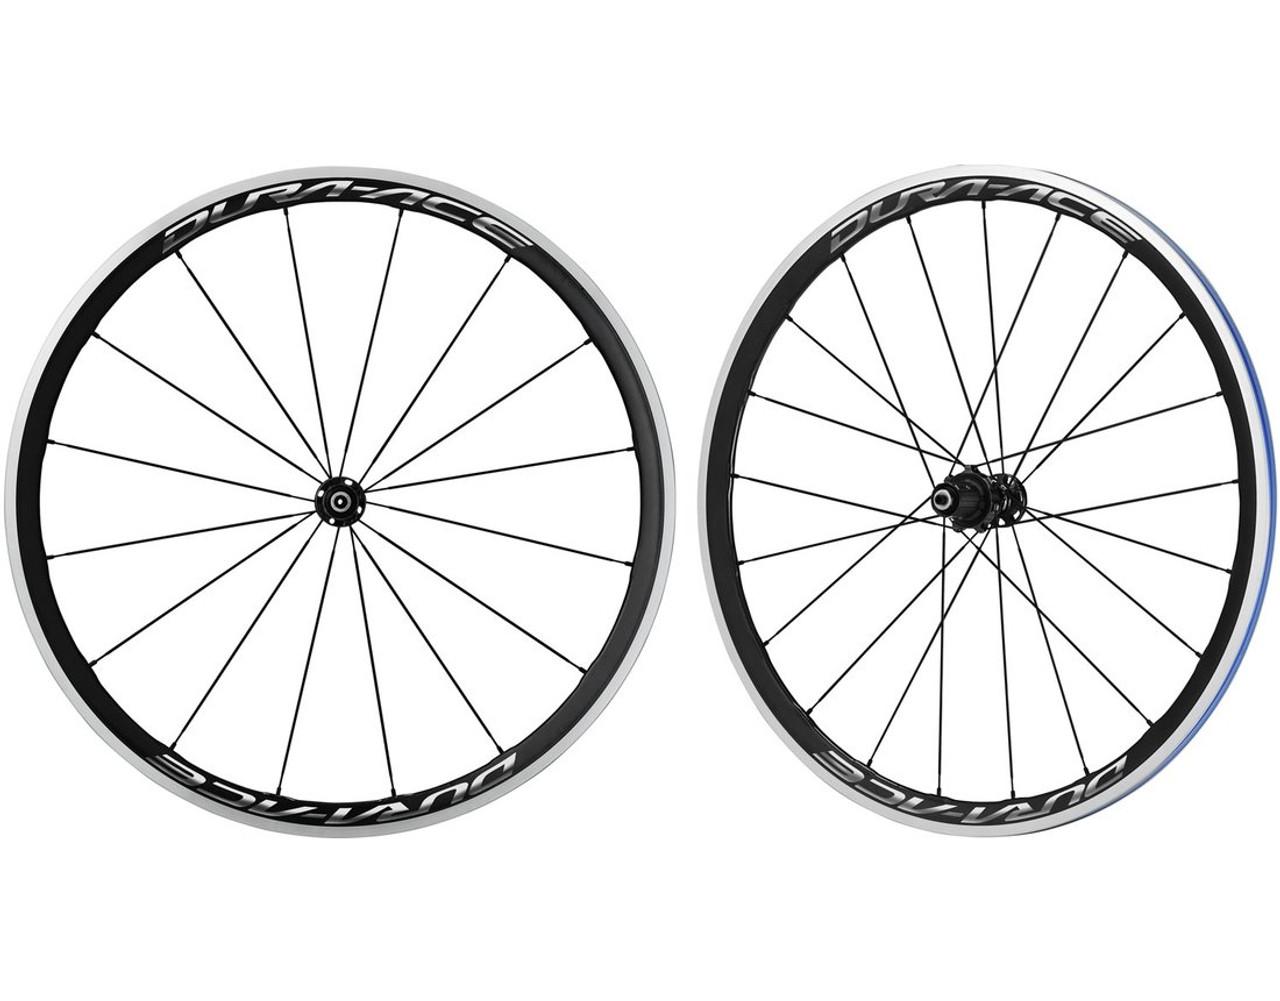 31831e67e86 Shimano Dura-Ace R9100 C40 Wheelset | Texas Cyclesport